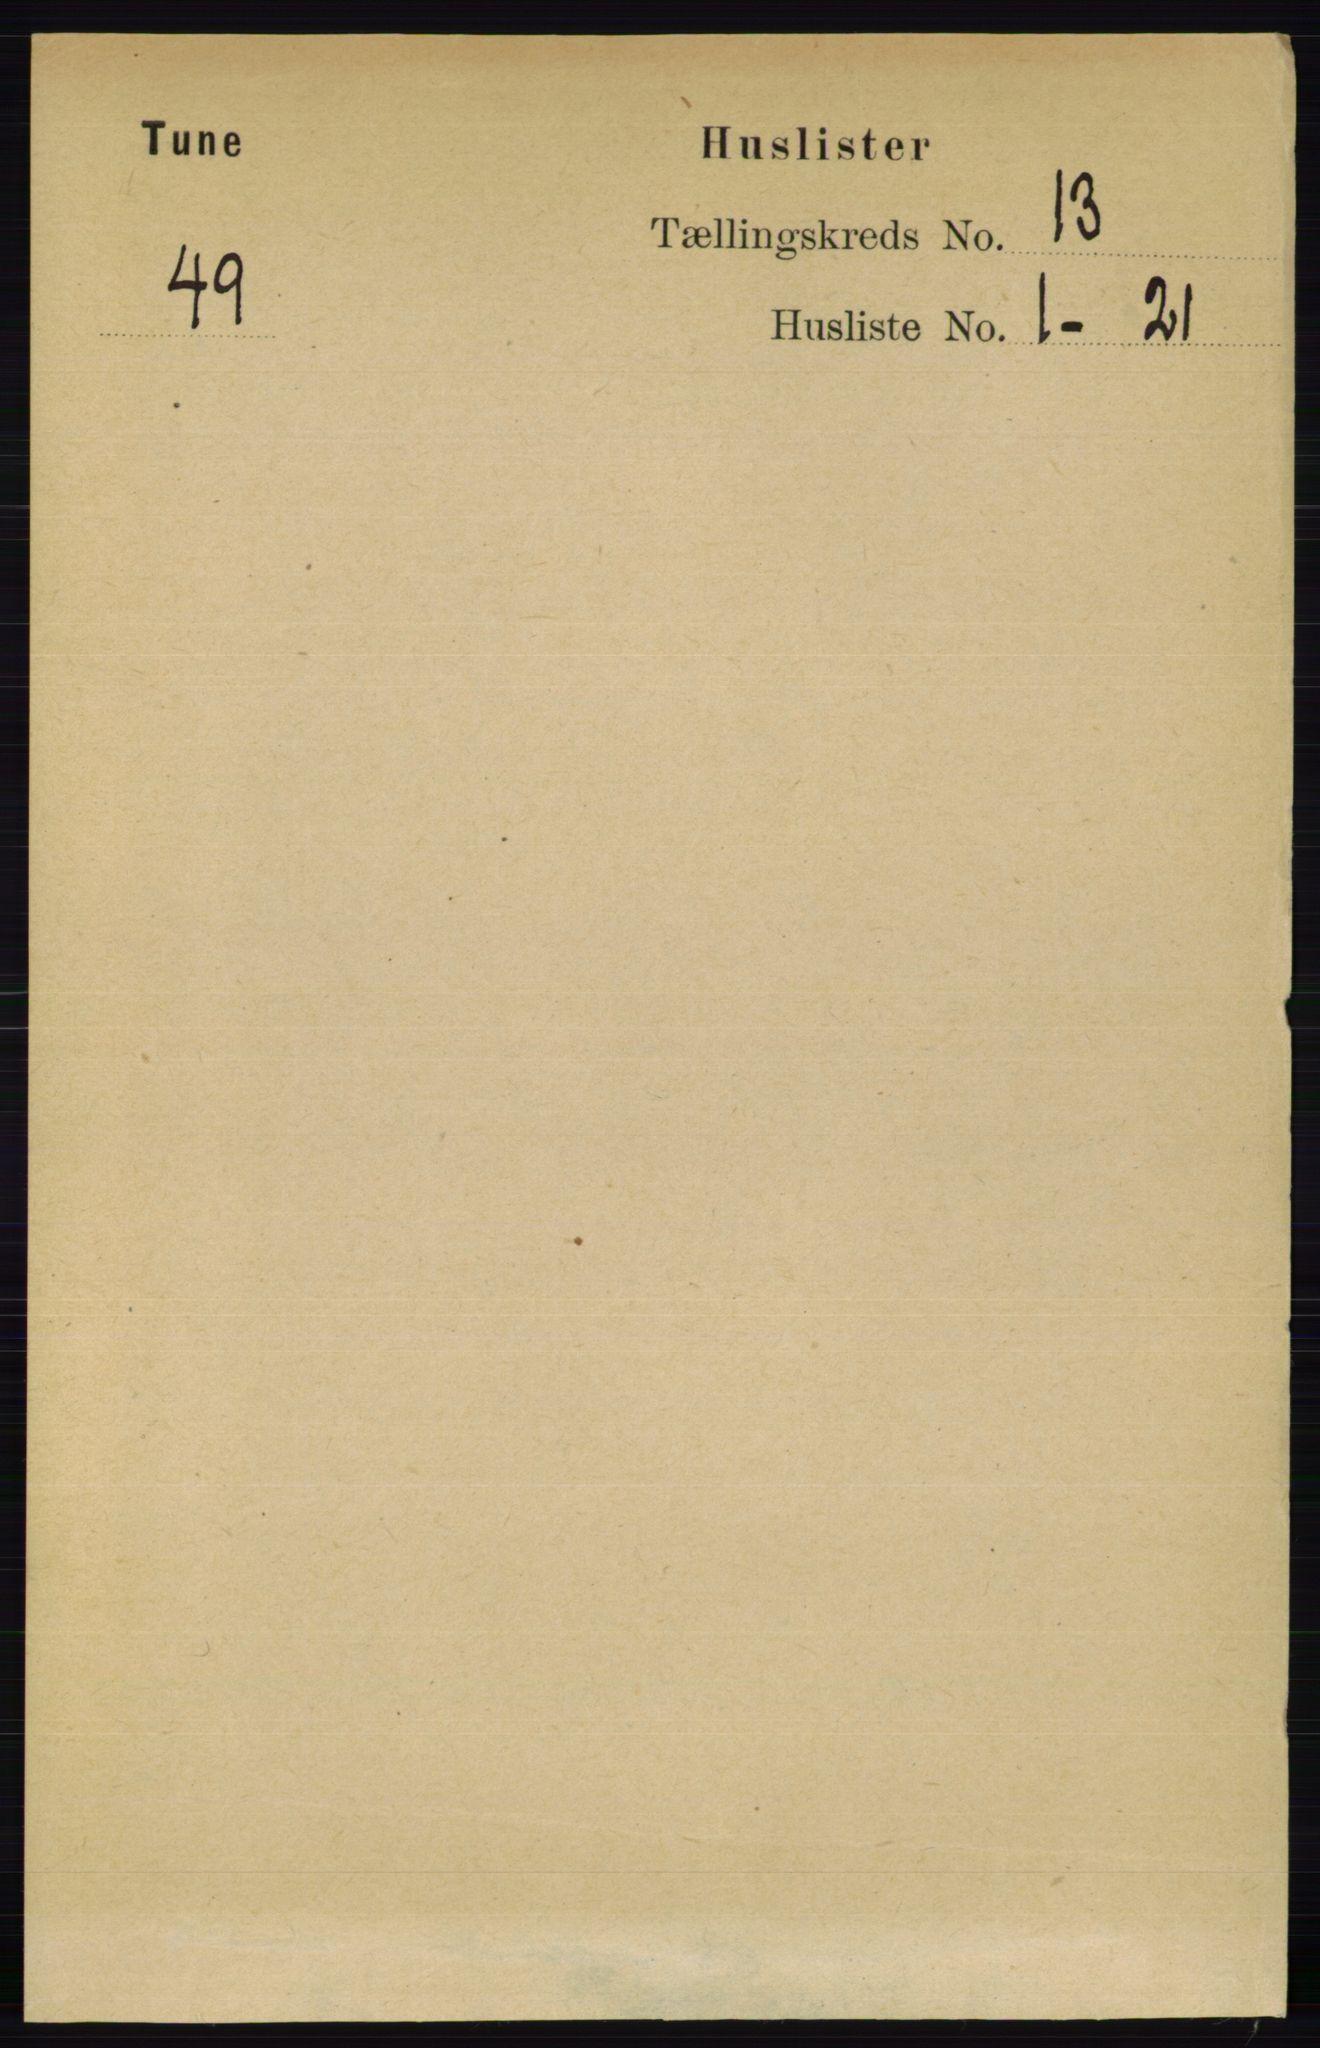 RA, Folketelling 1891 for 0130 Tune herred, 1891, s. 7539